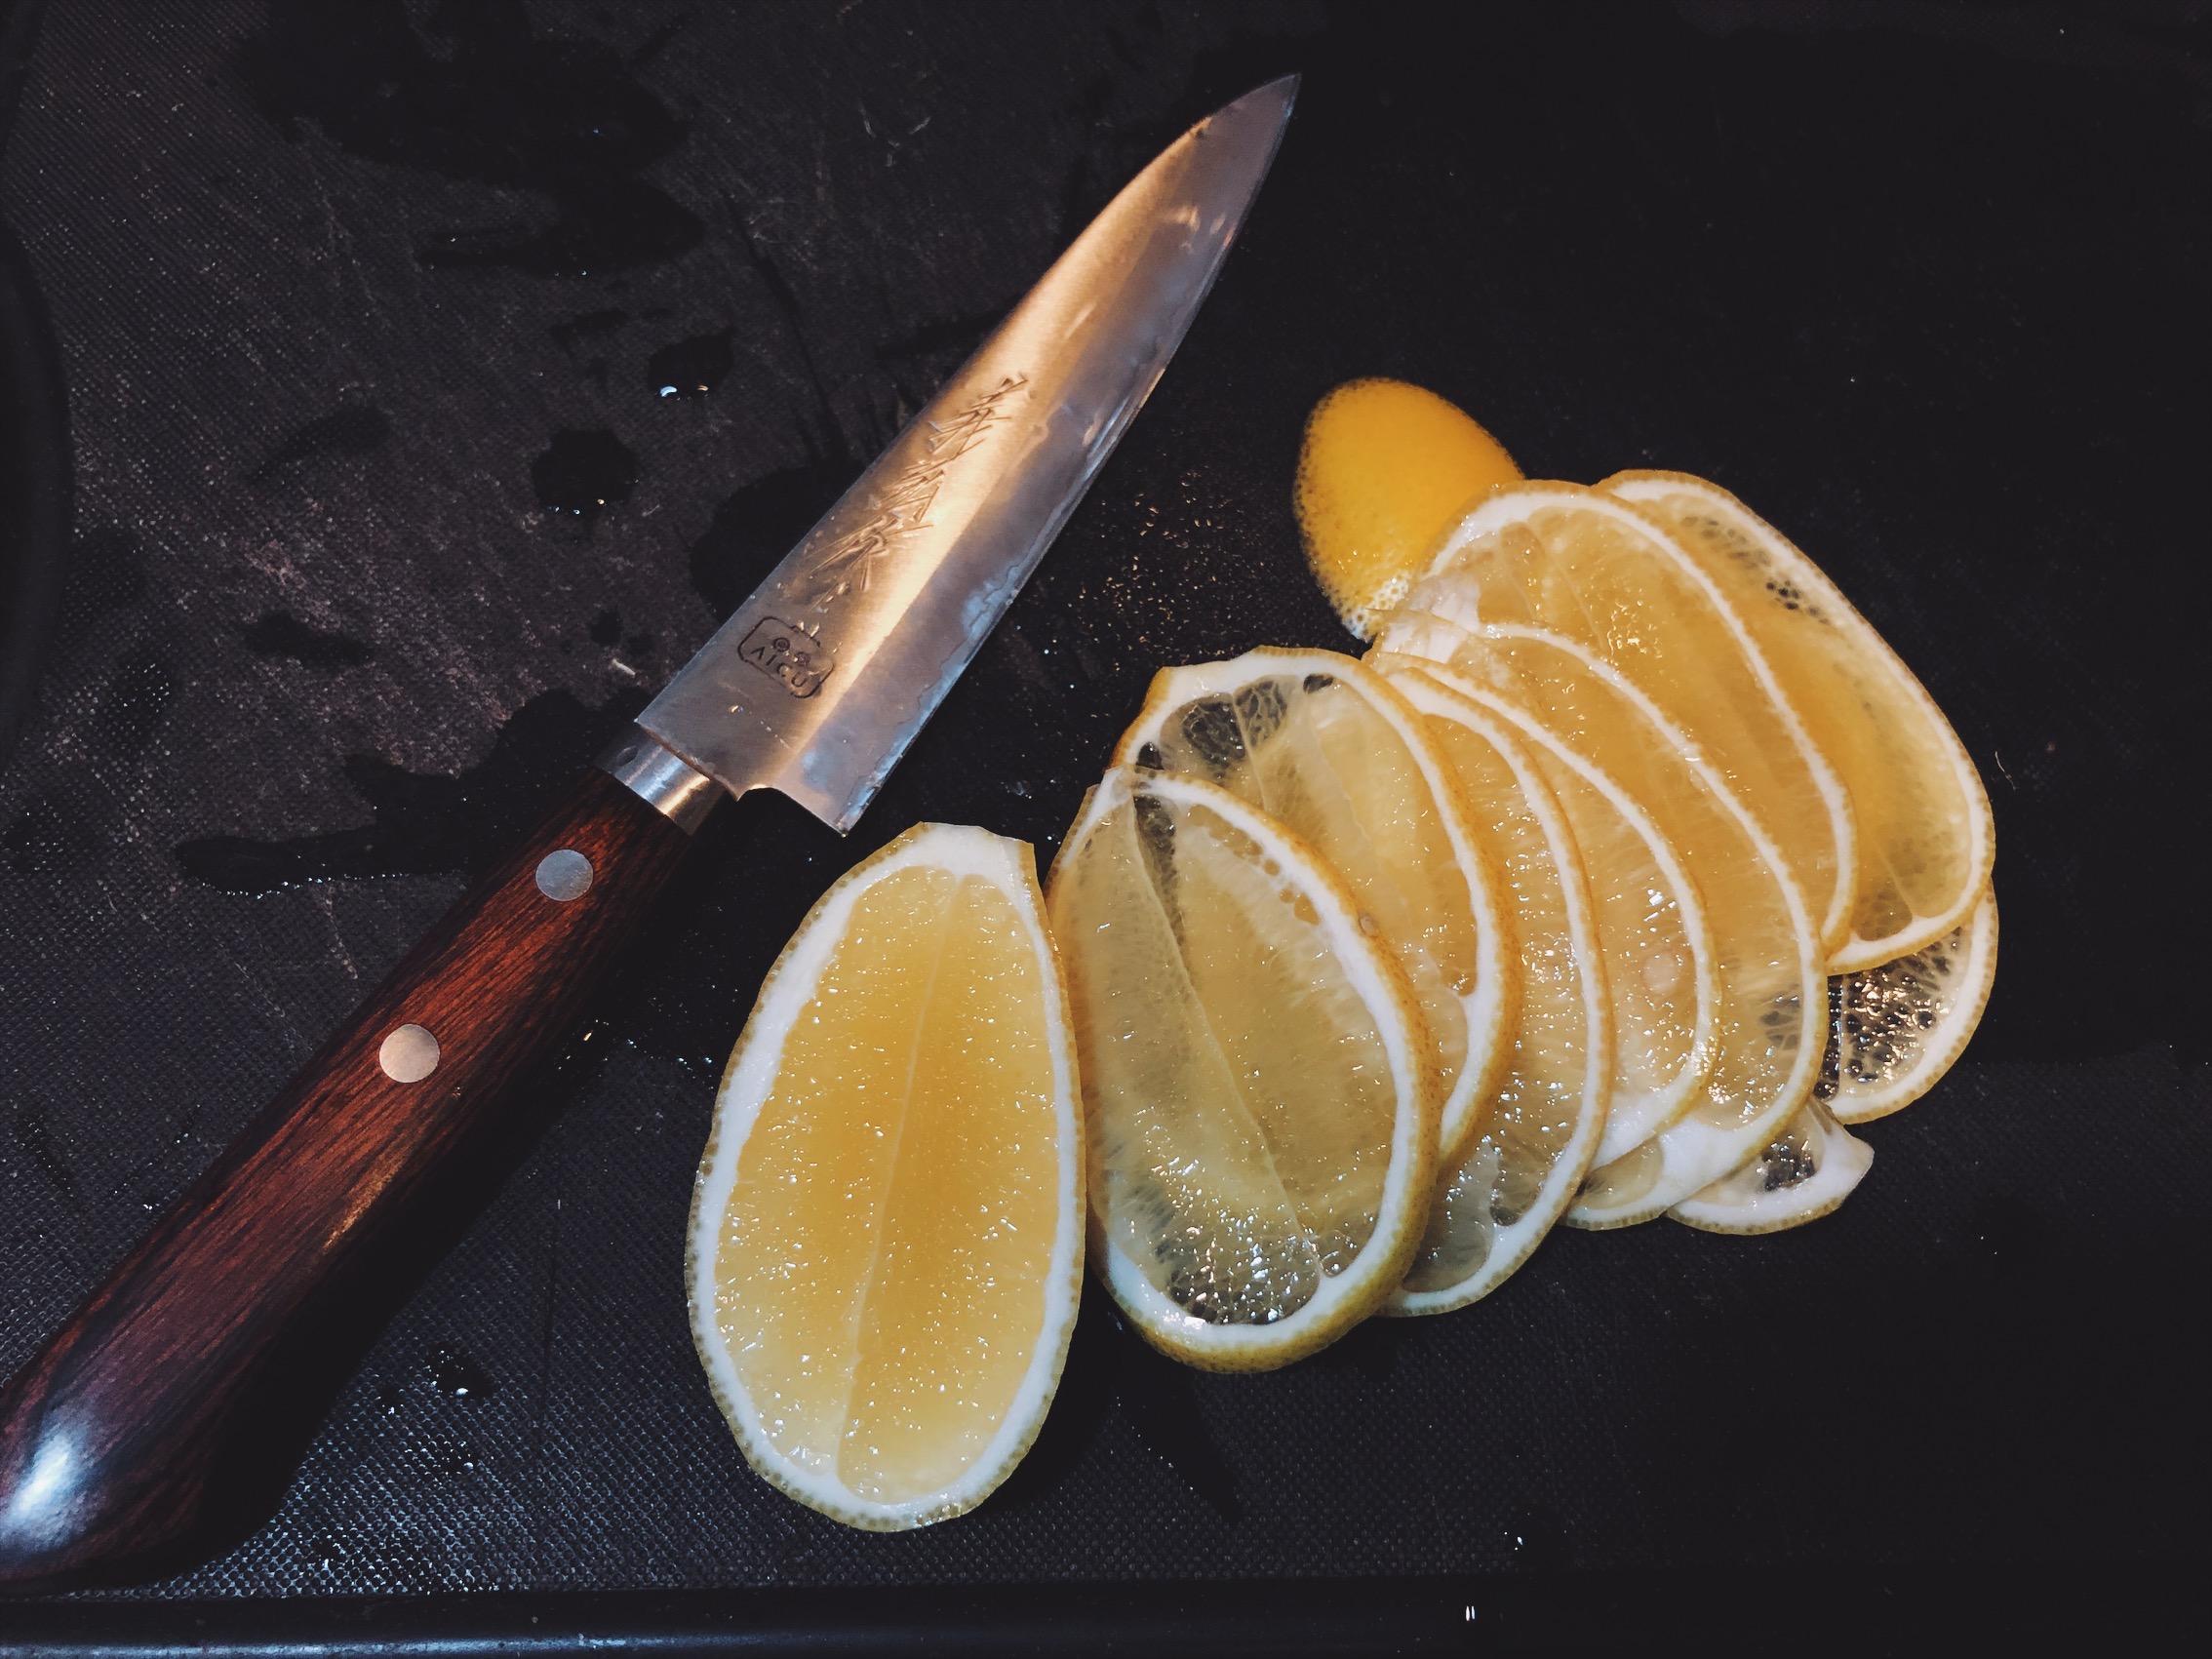 檸檬也能片得極薄